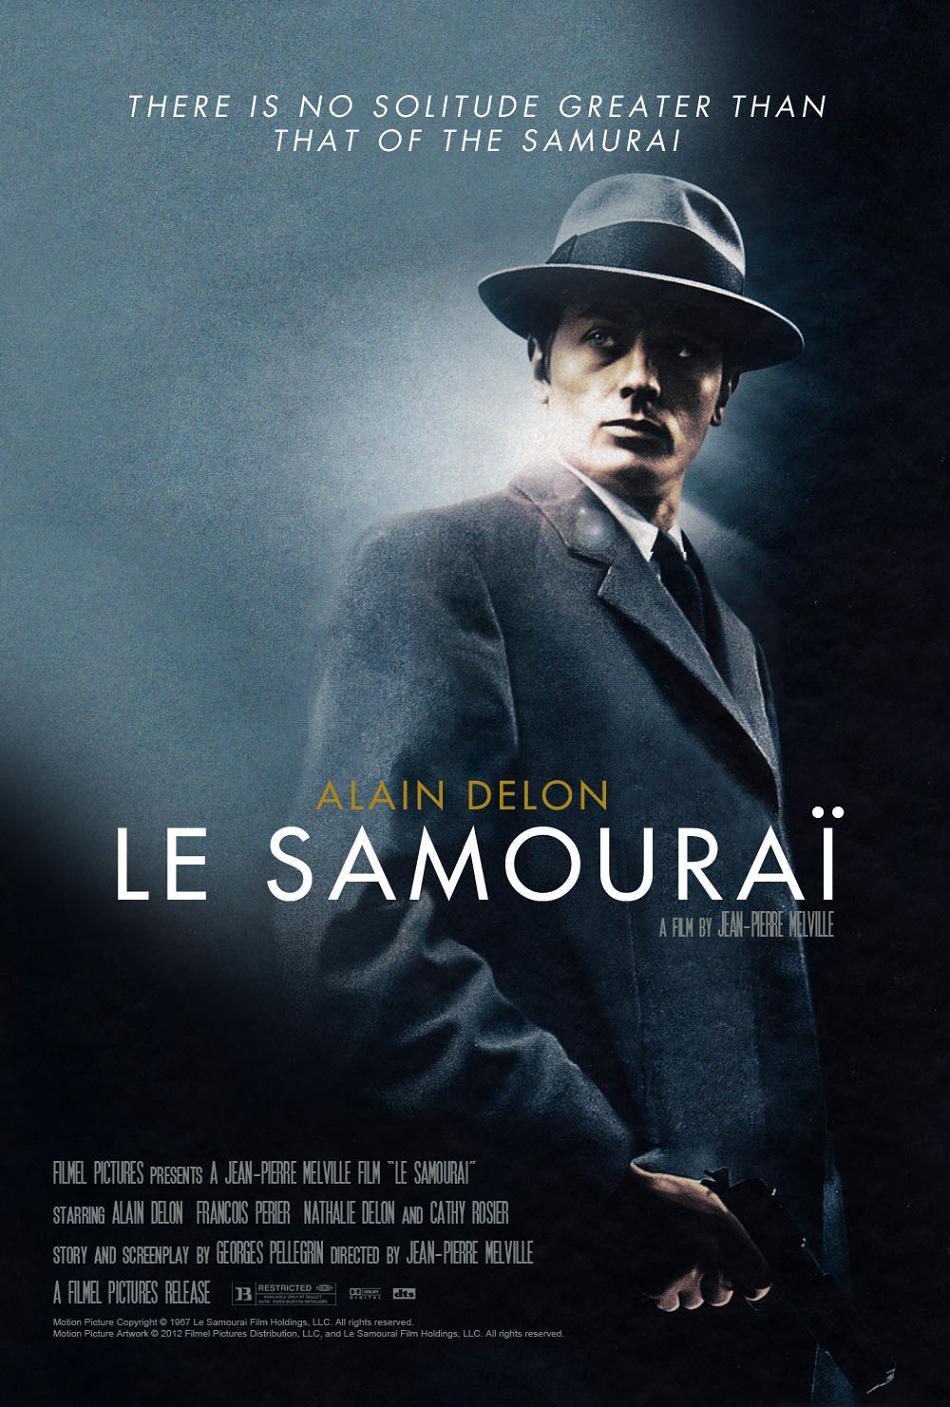 http://allofcinema.com/wp-content/uploads/2016/03/Luchshie-filmyi-v-retsenziyah-Samuray-Le-samourai-1967.jpg